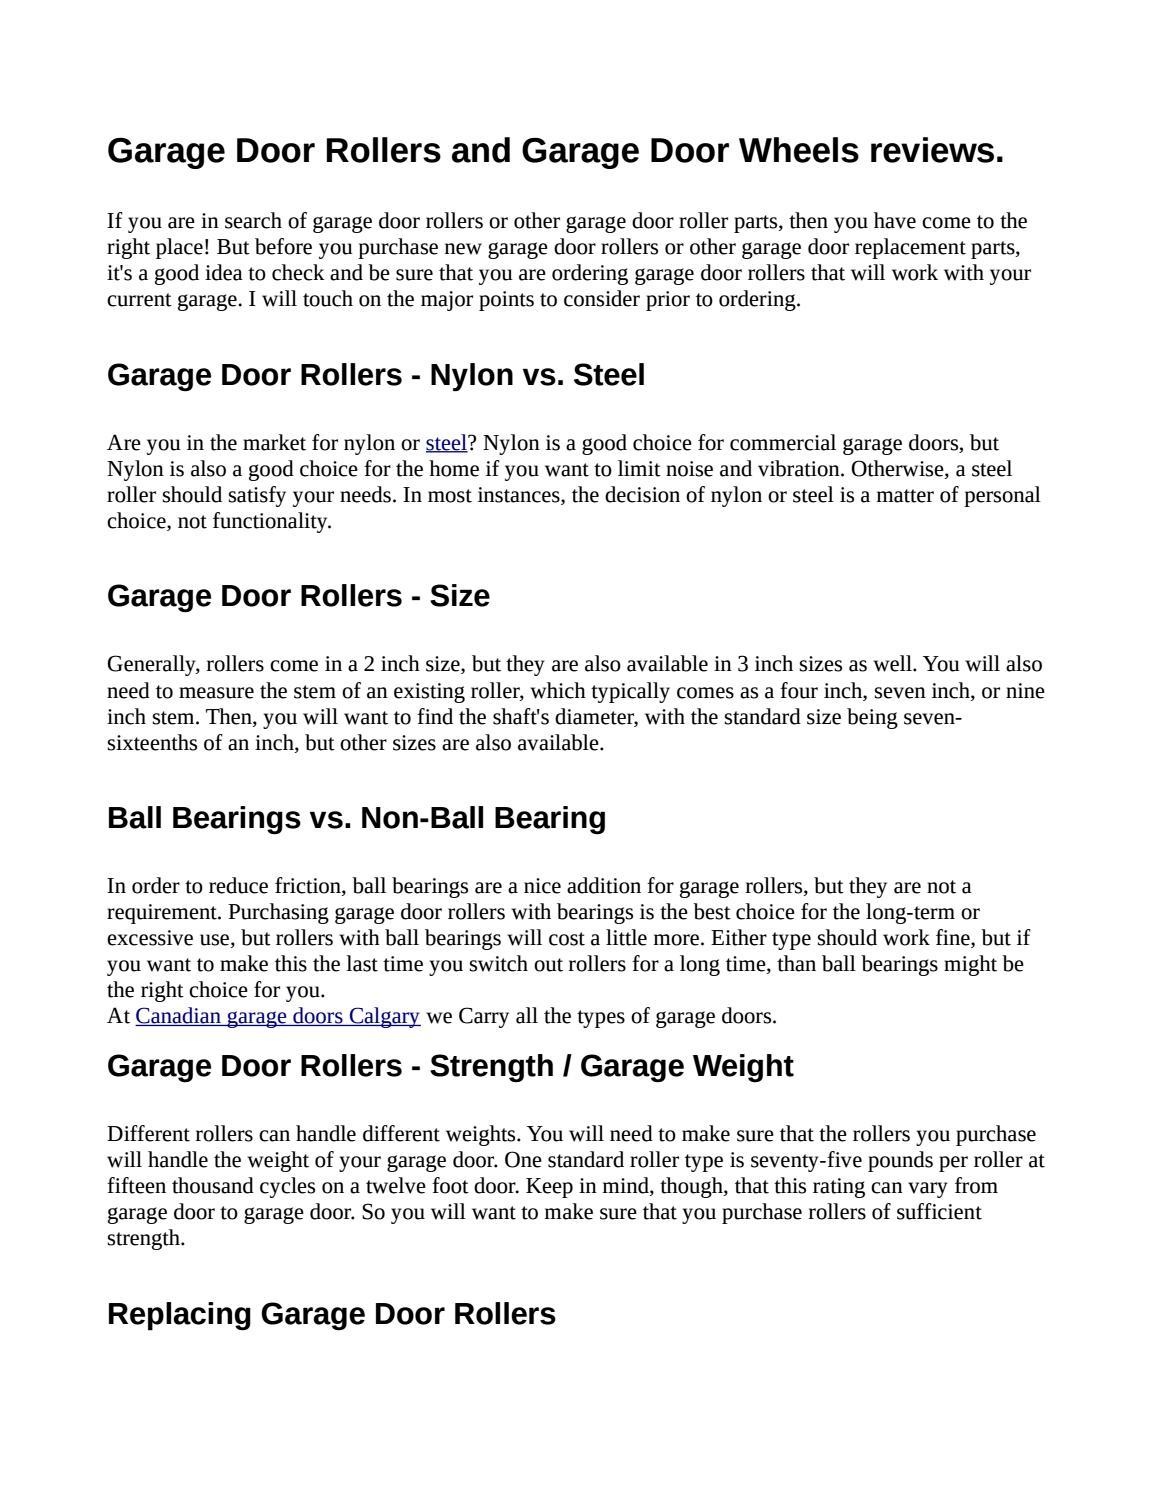 Garage Door Rollers And Garage Door Wheels Reviews By Lev